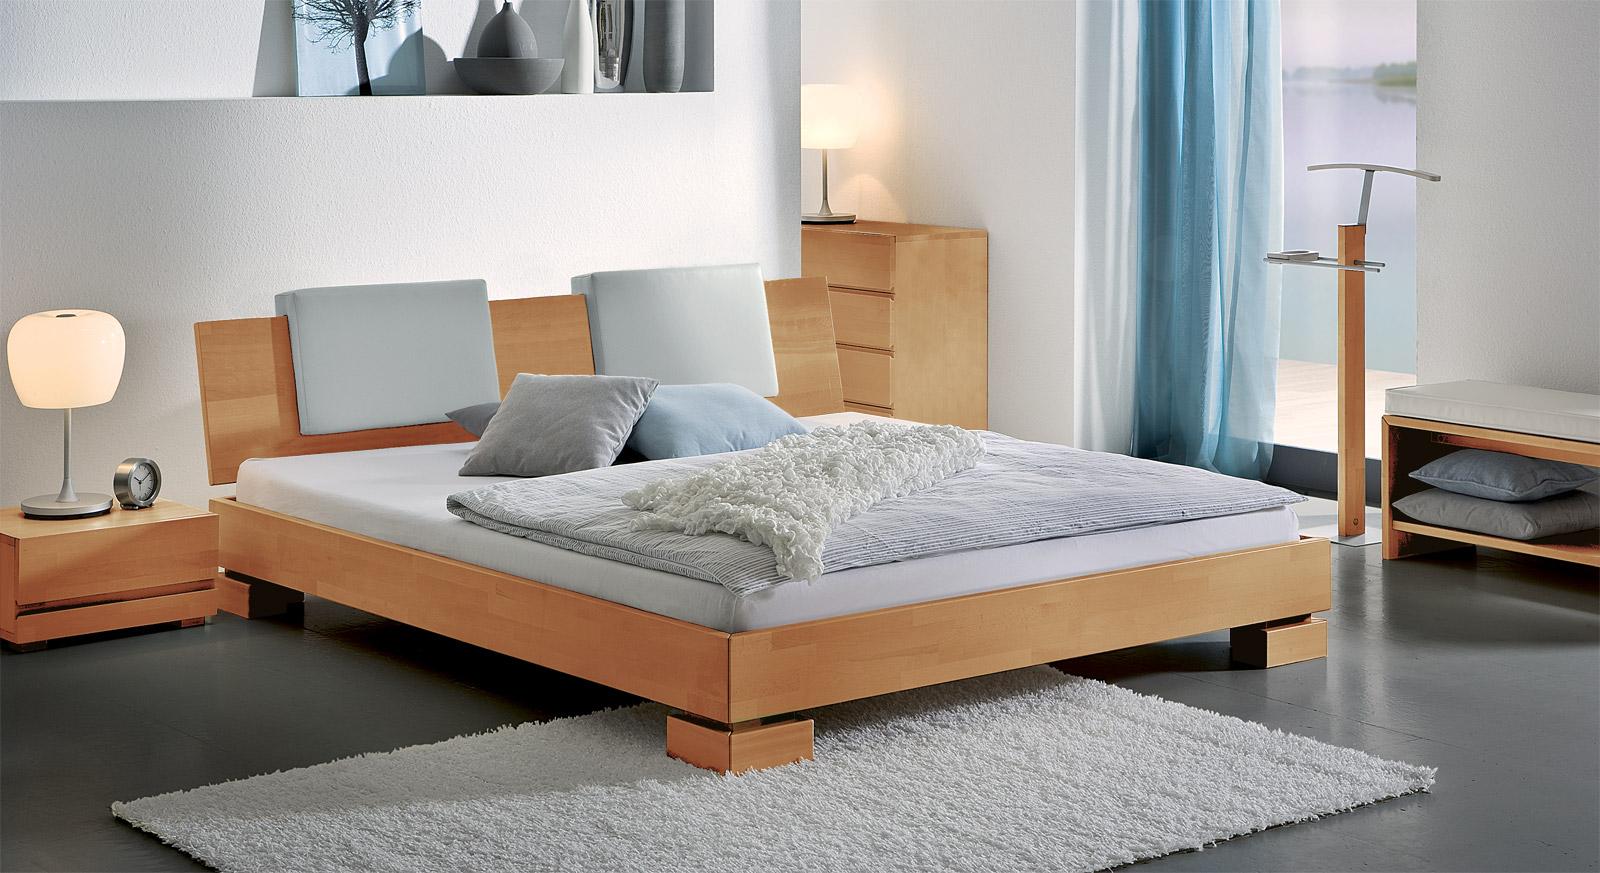 Schlafzimmer Holz Guenstig Konzept | Schlafzimmer Holz Guenstig Homeautodesign Com